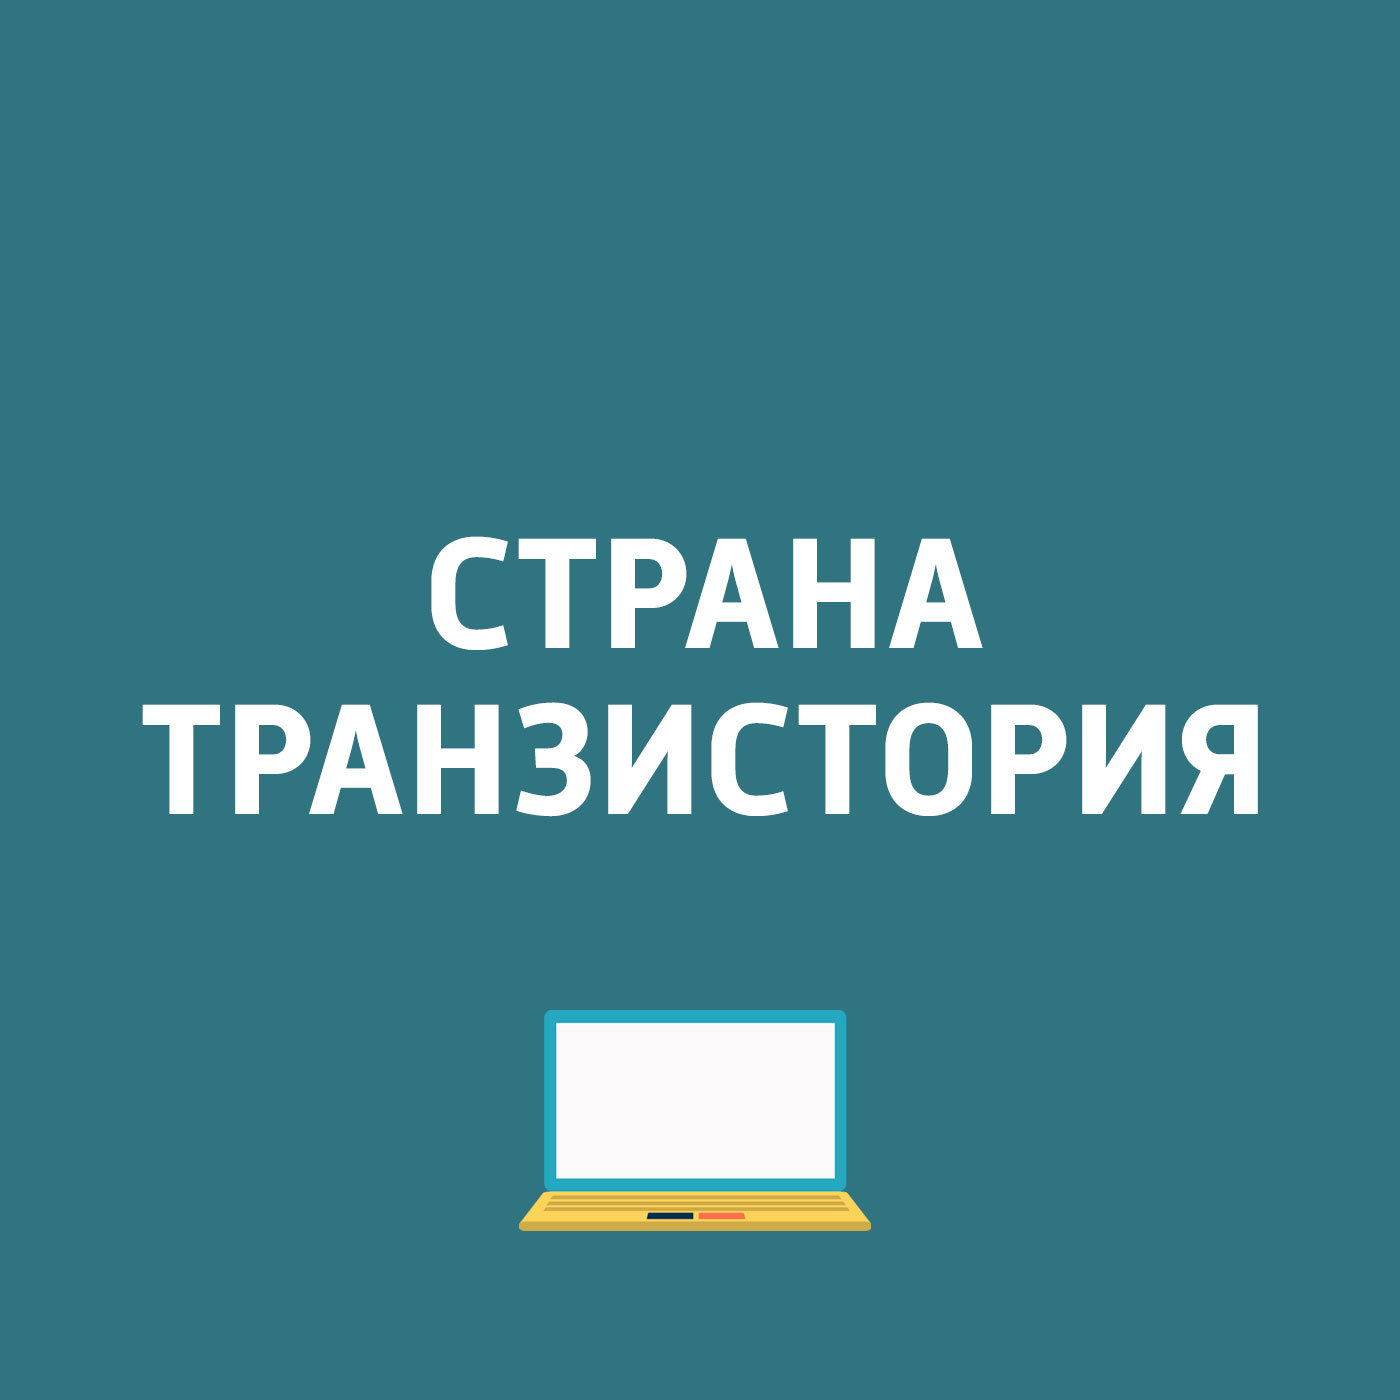 Картаев Павел Начало продаж Vivo V7 и Vivo V7+; Apple купила Shazam; «Тайный Санта «ВКонтакте; Обновление для для Quake Champions картаев павел archos объявила о старте продаж планшета 70c neon в россии